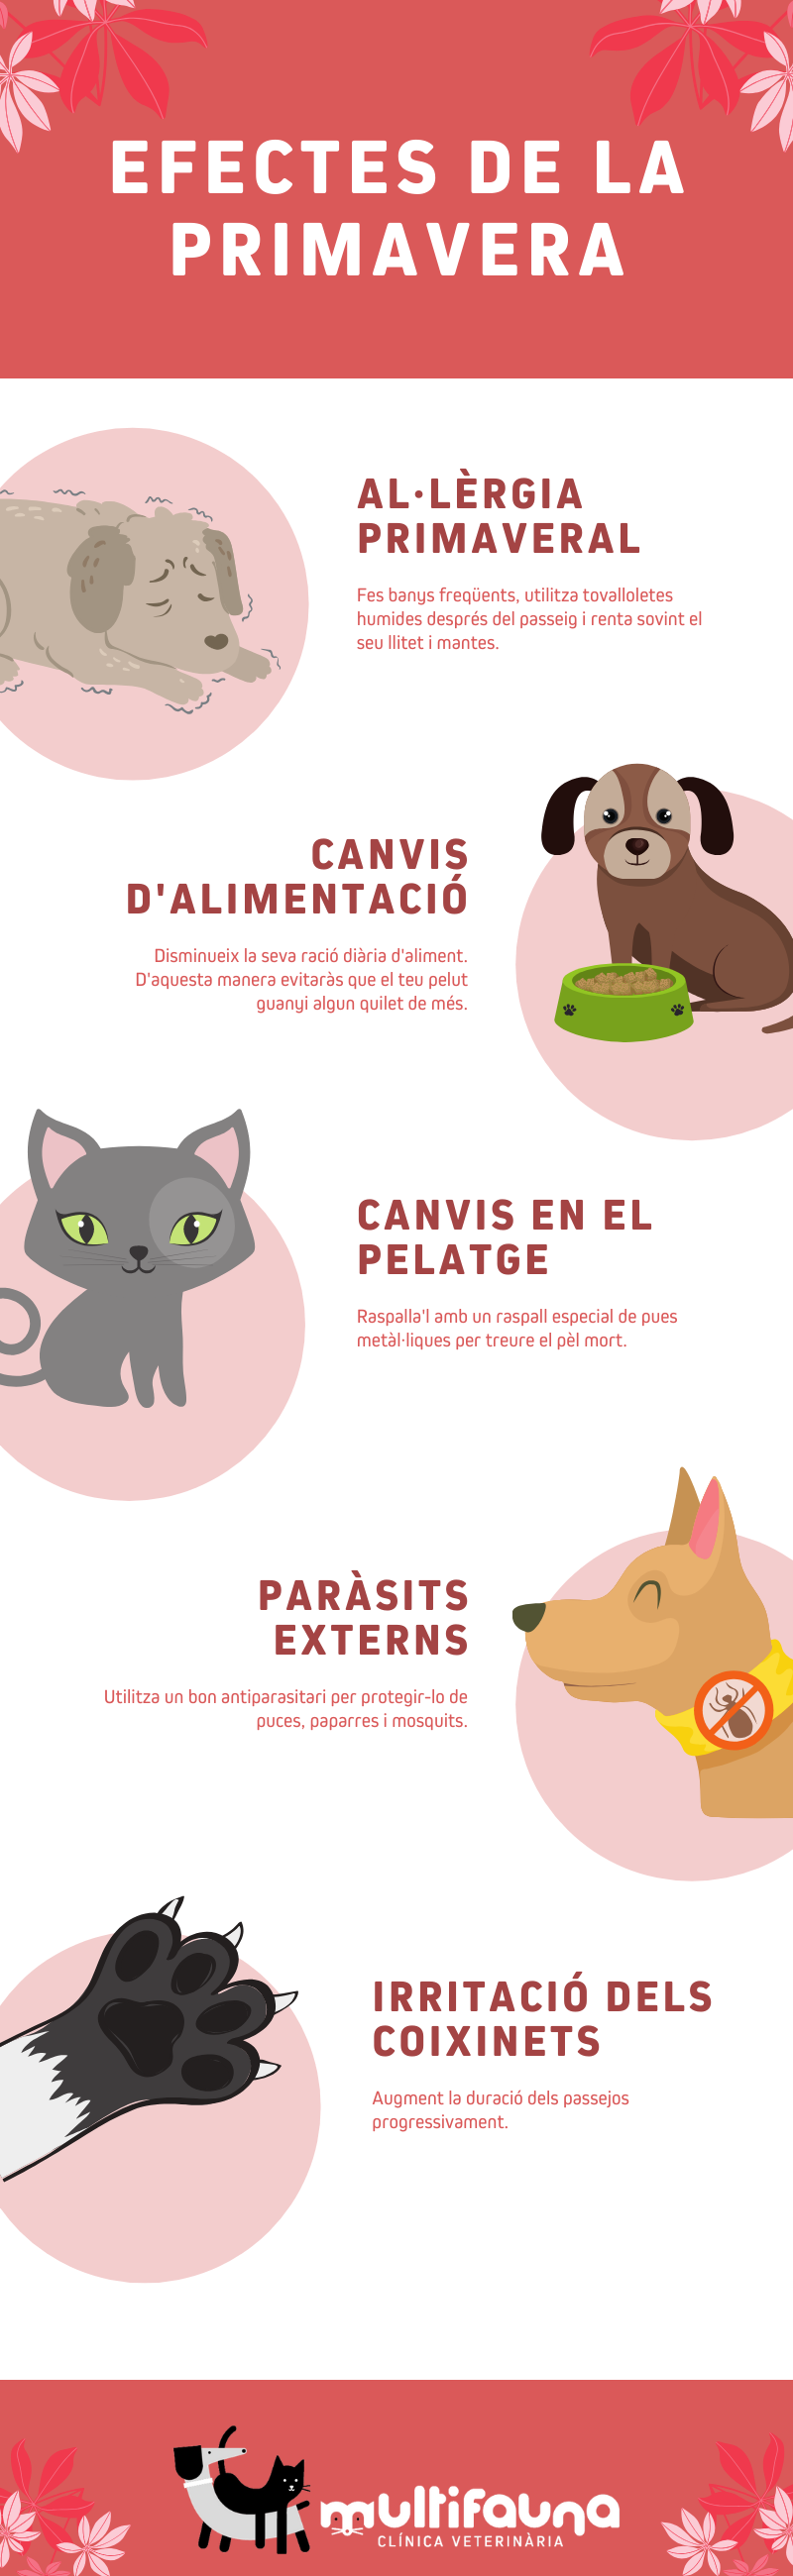 efectes de la primavera als animals veterinari girona